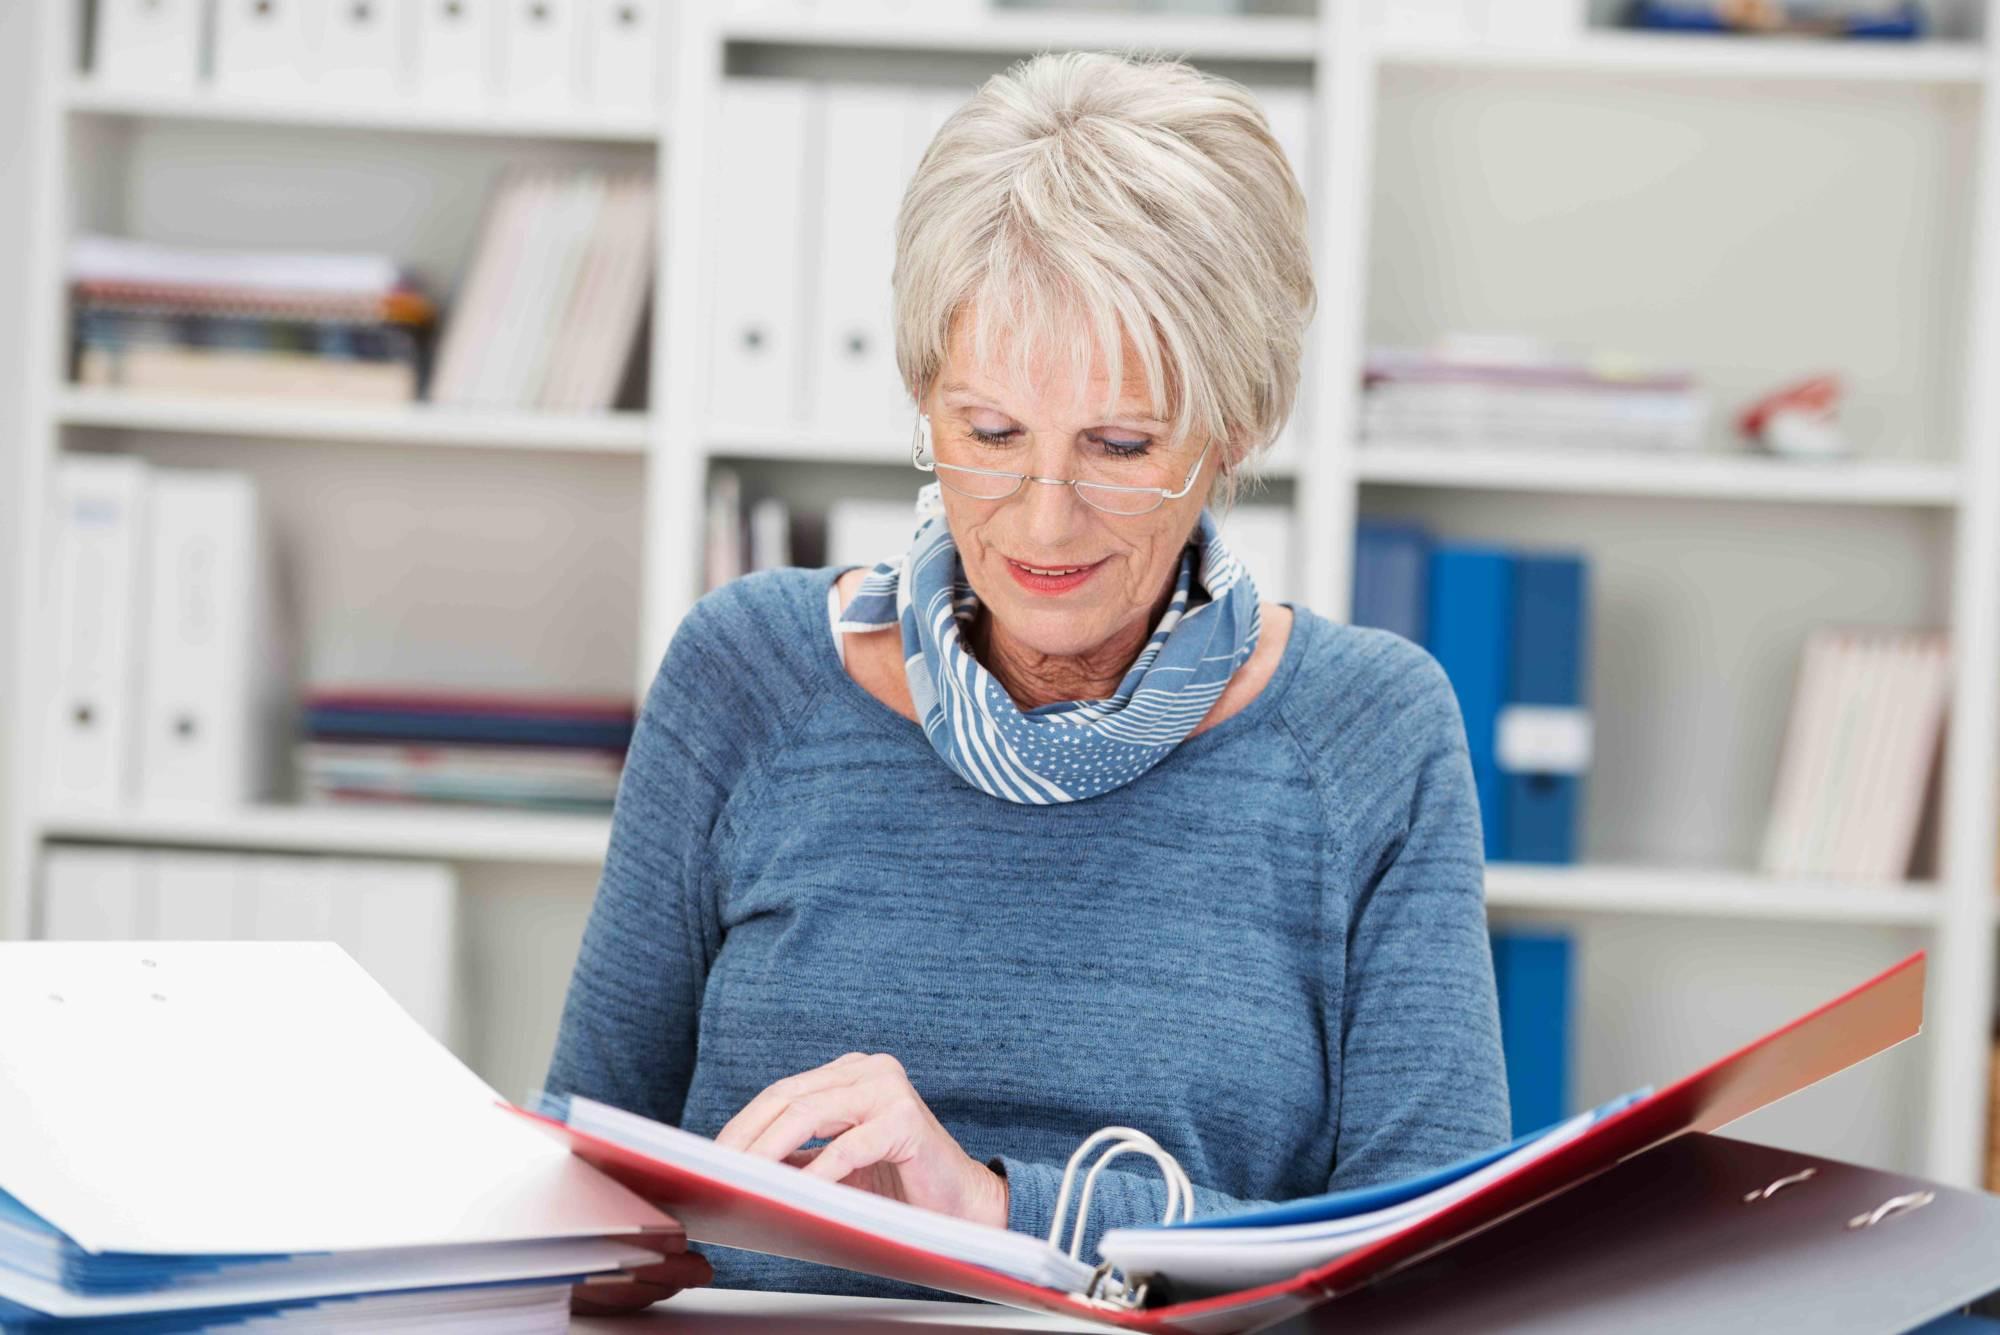 Была названа самая высокооплачиваемая работа для пенсионеров!